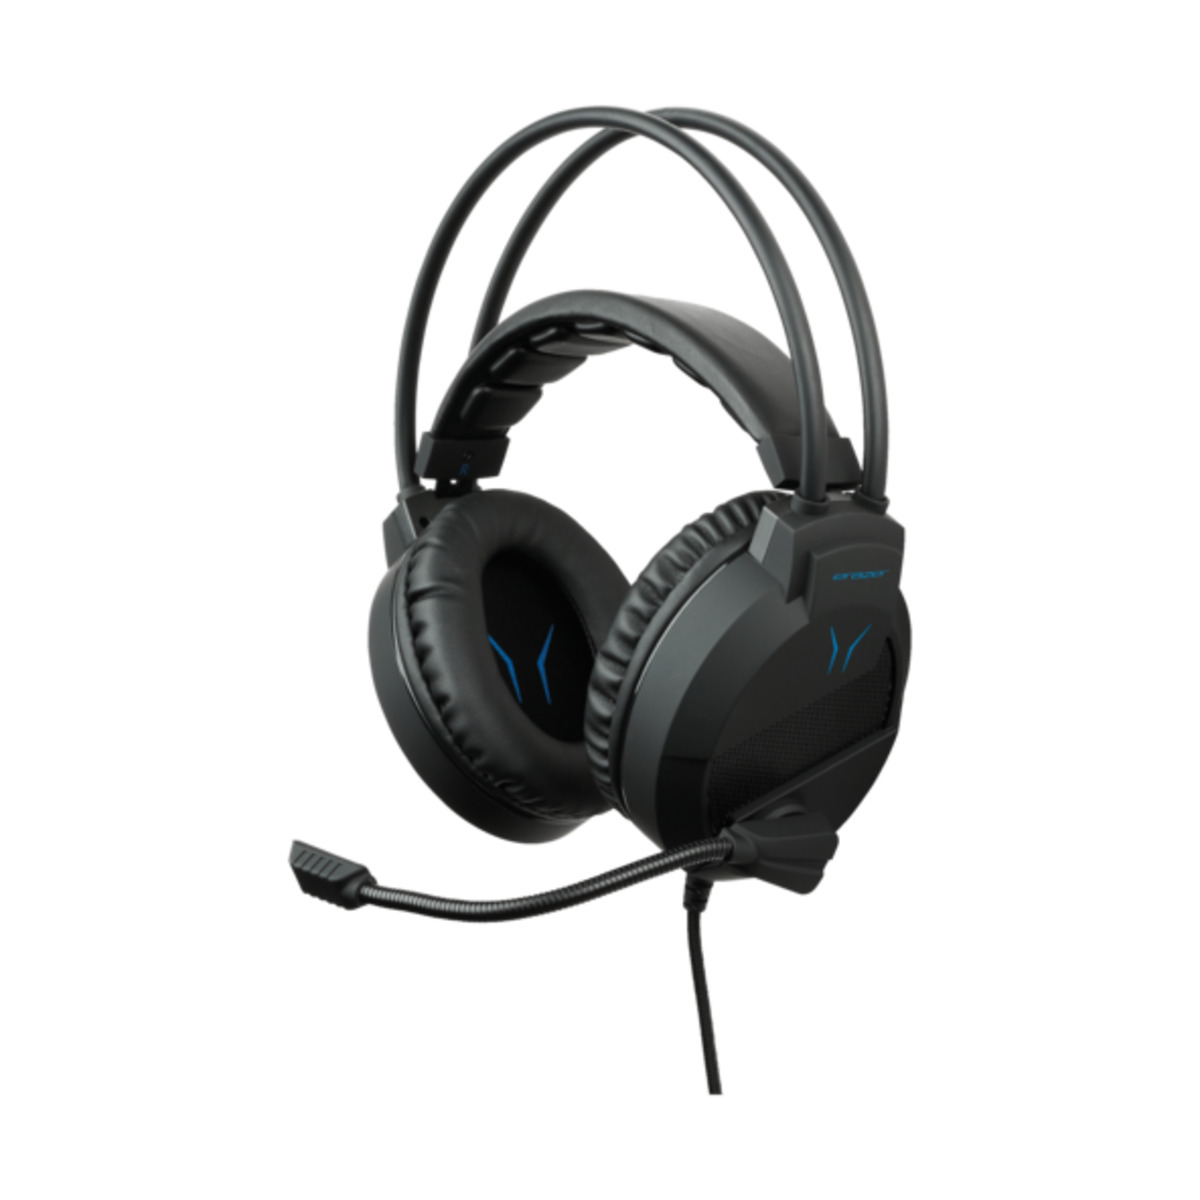 Bild 1 von 2.0 Stereo Gaming Headset MEDION ERAZER X83009